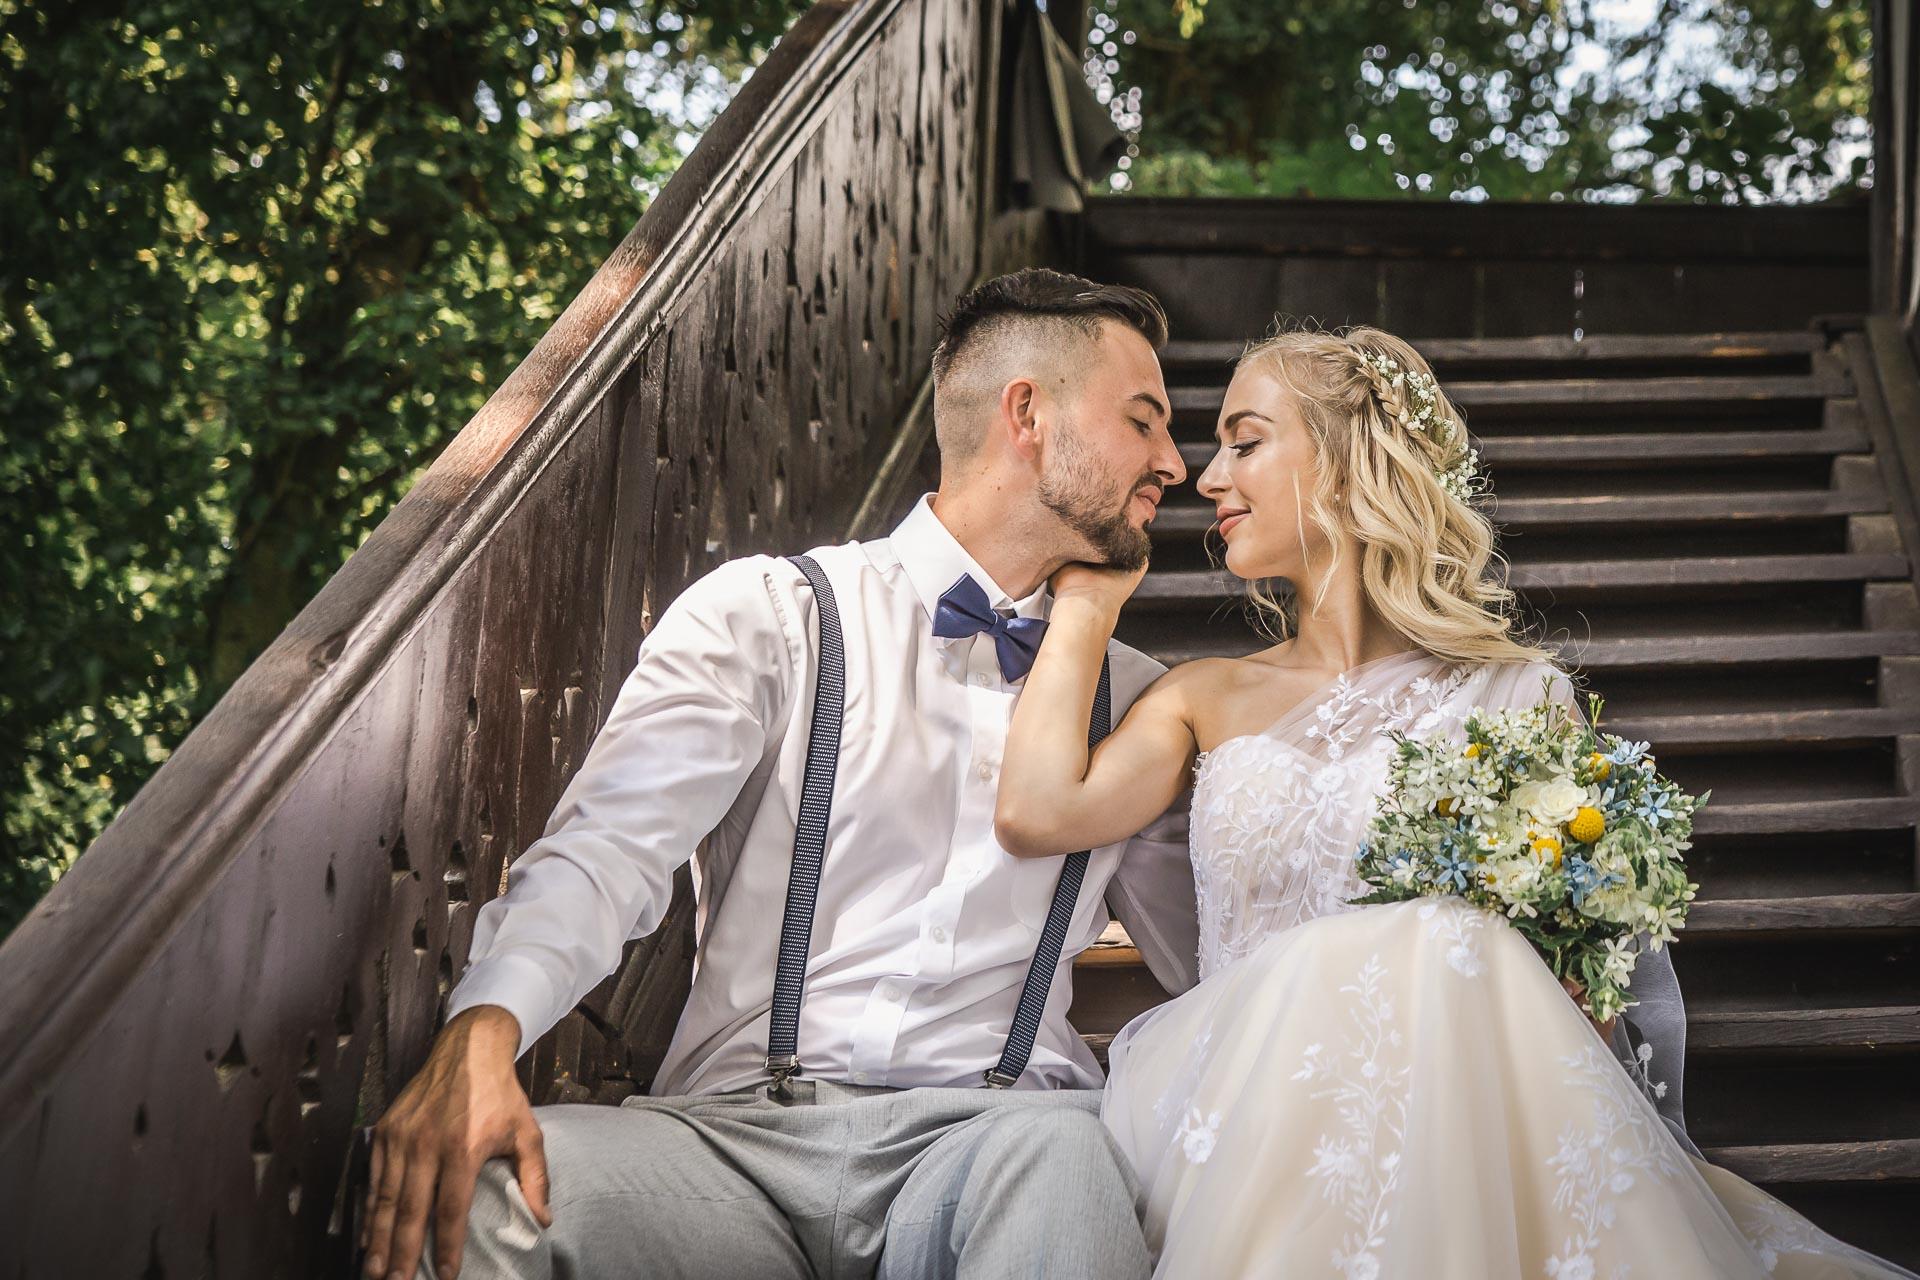 svatební-fotograf-zámek-Loučeň-svatební-video-zámek-Loučeň-4181